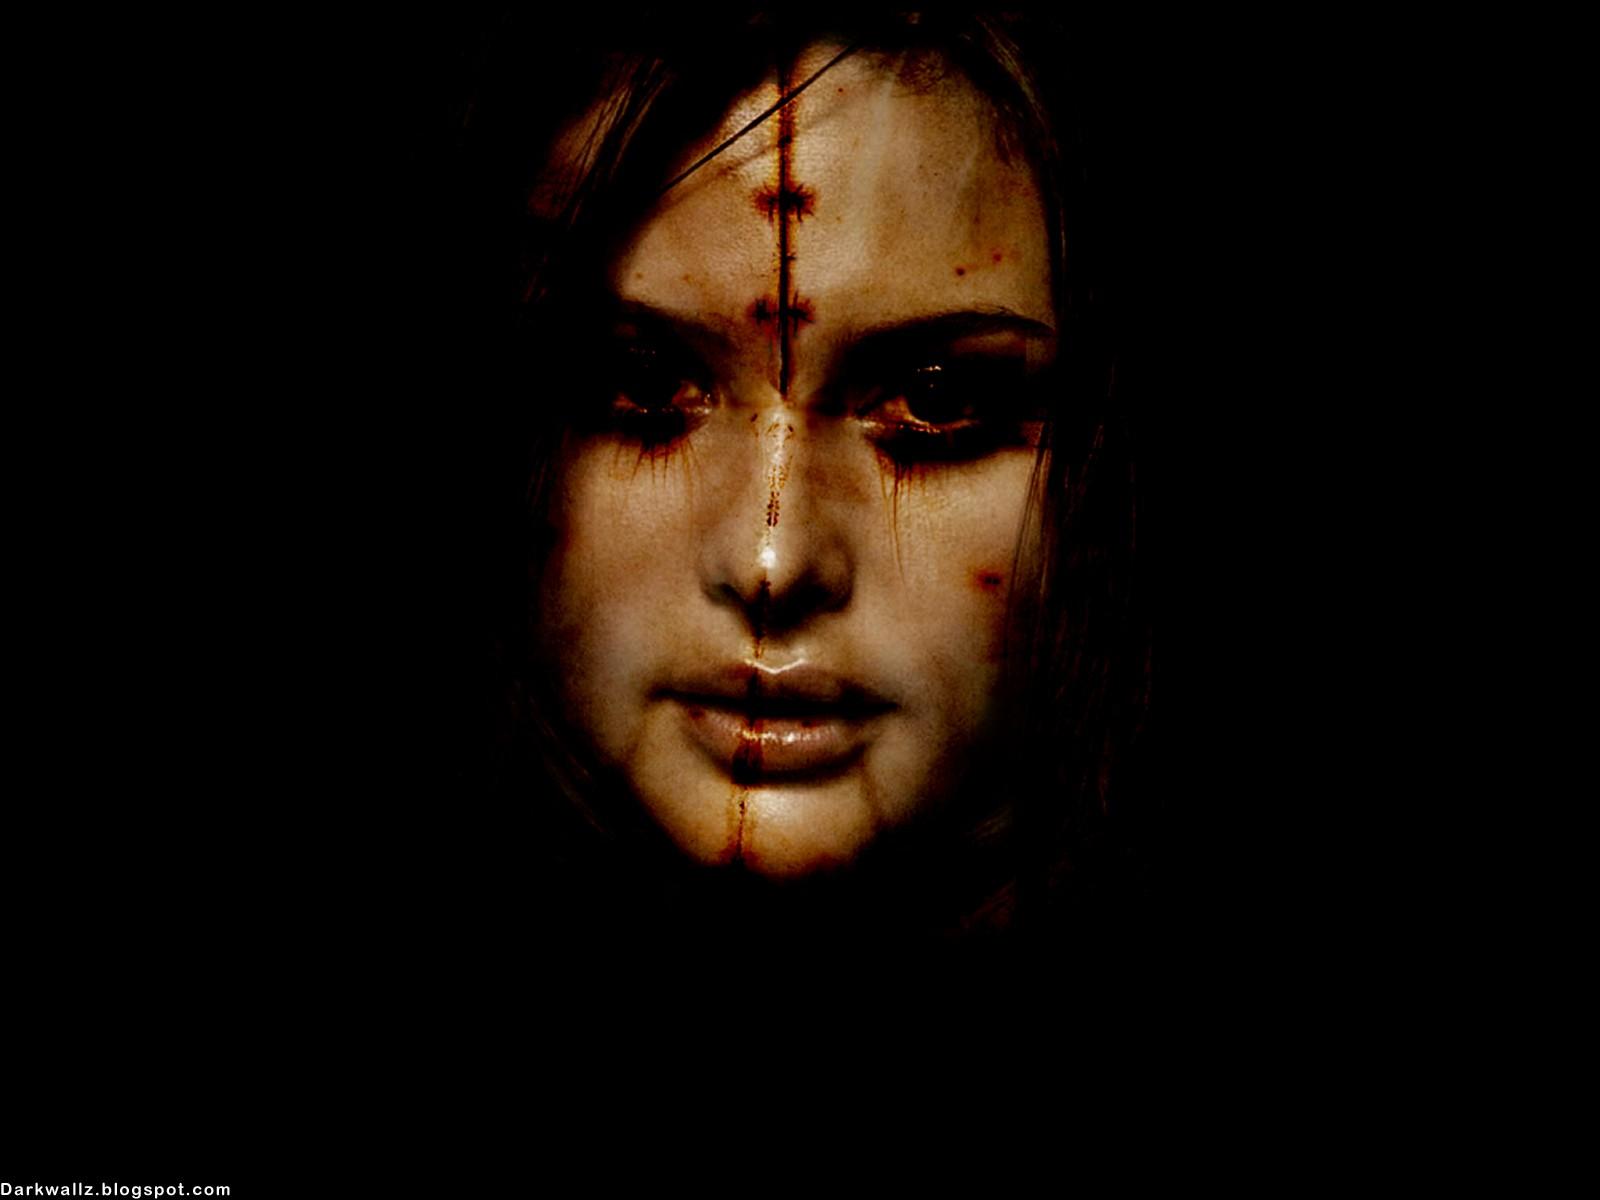 Dark Girls Wallpapers 24| Dark Wallpaper Download